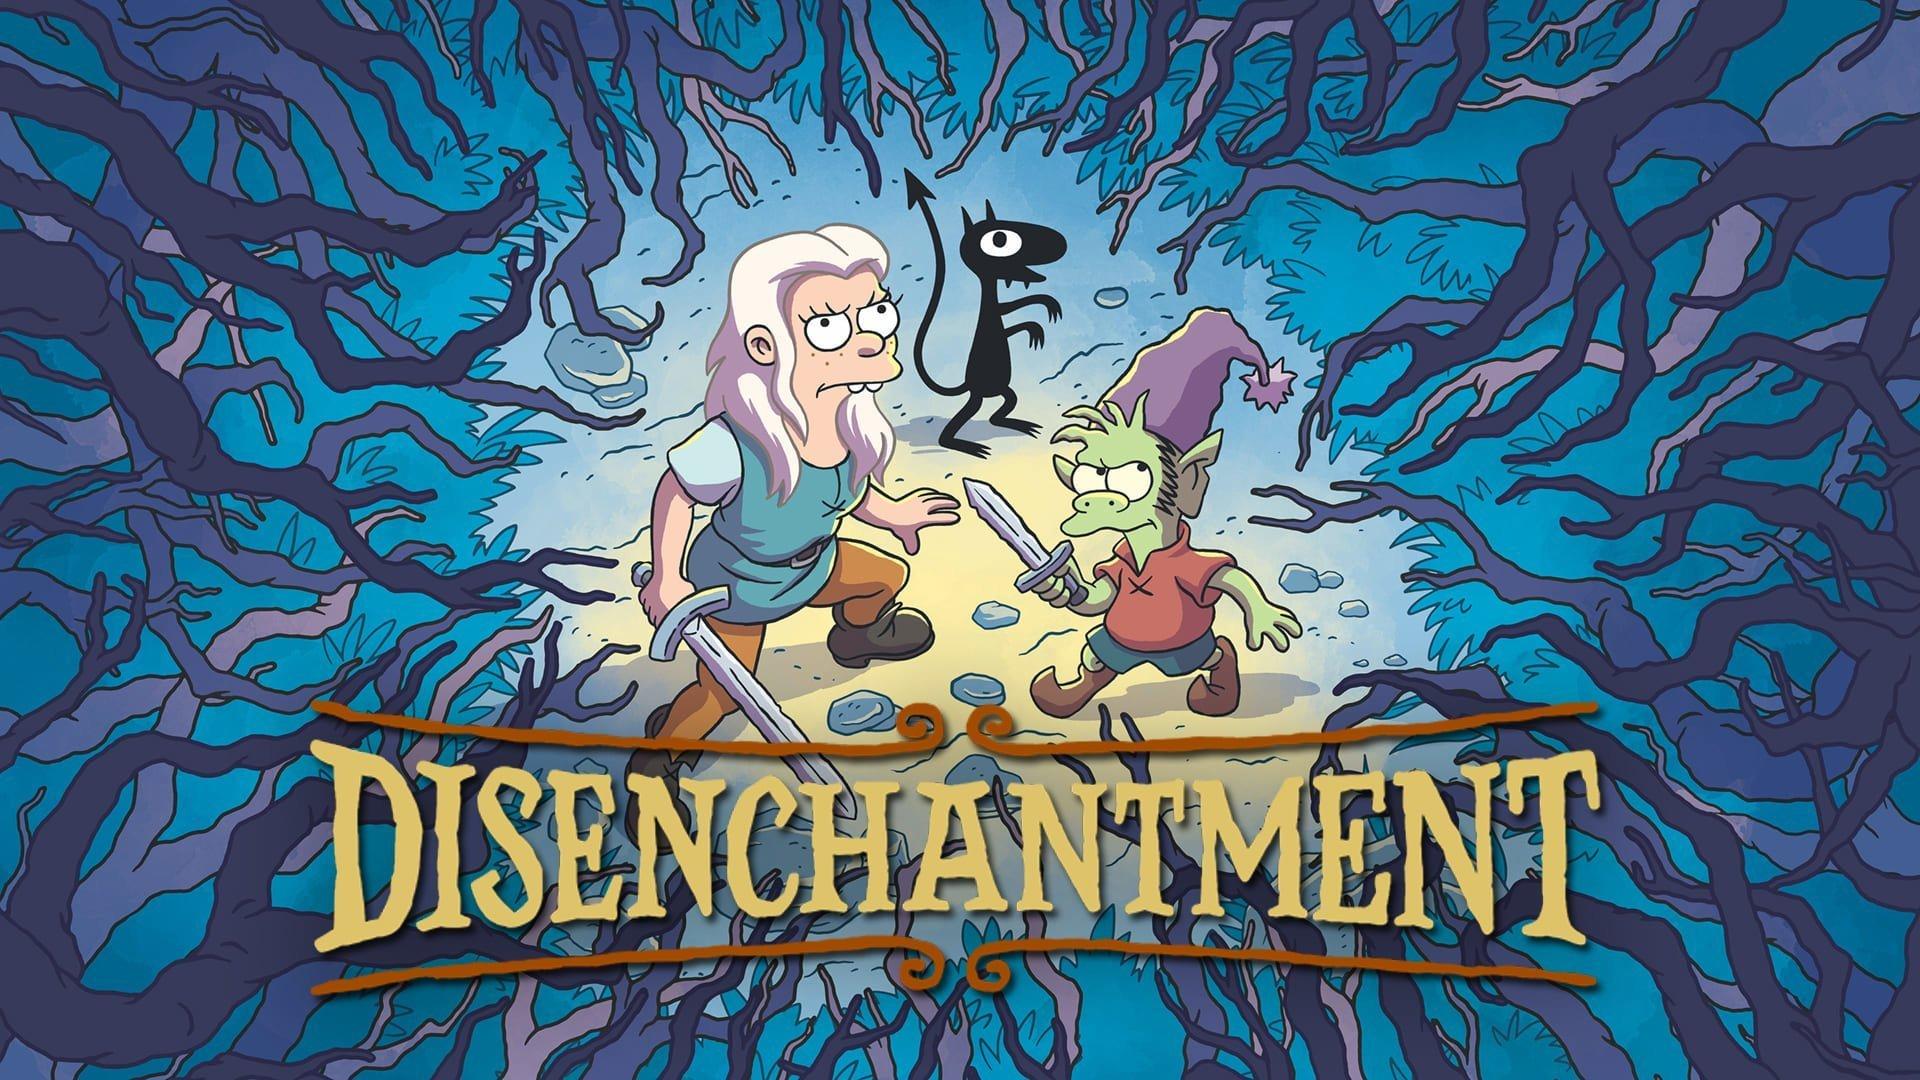 Derek disenchantment